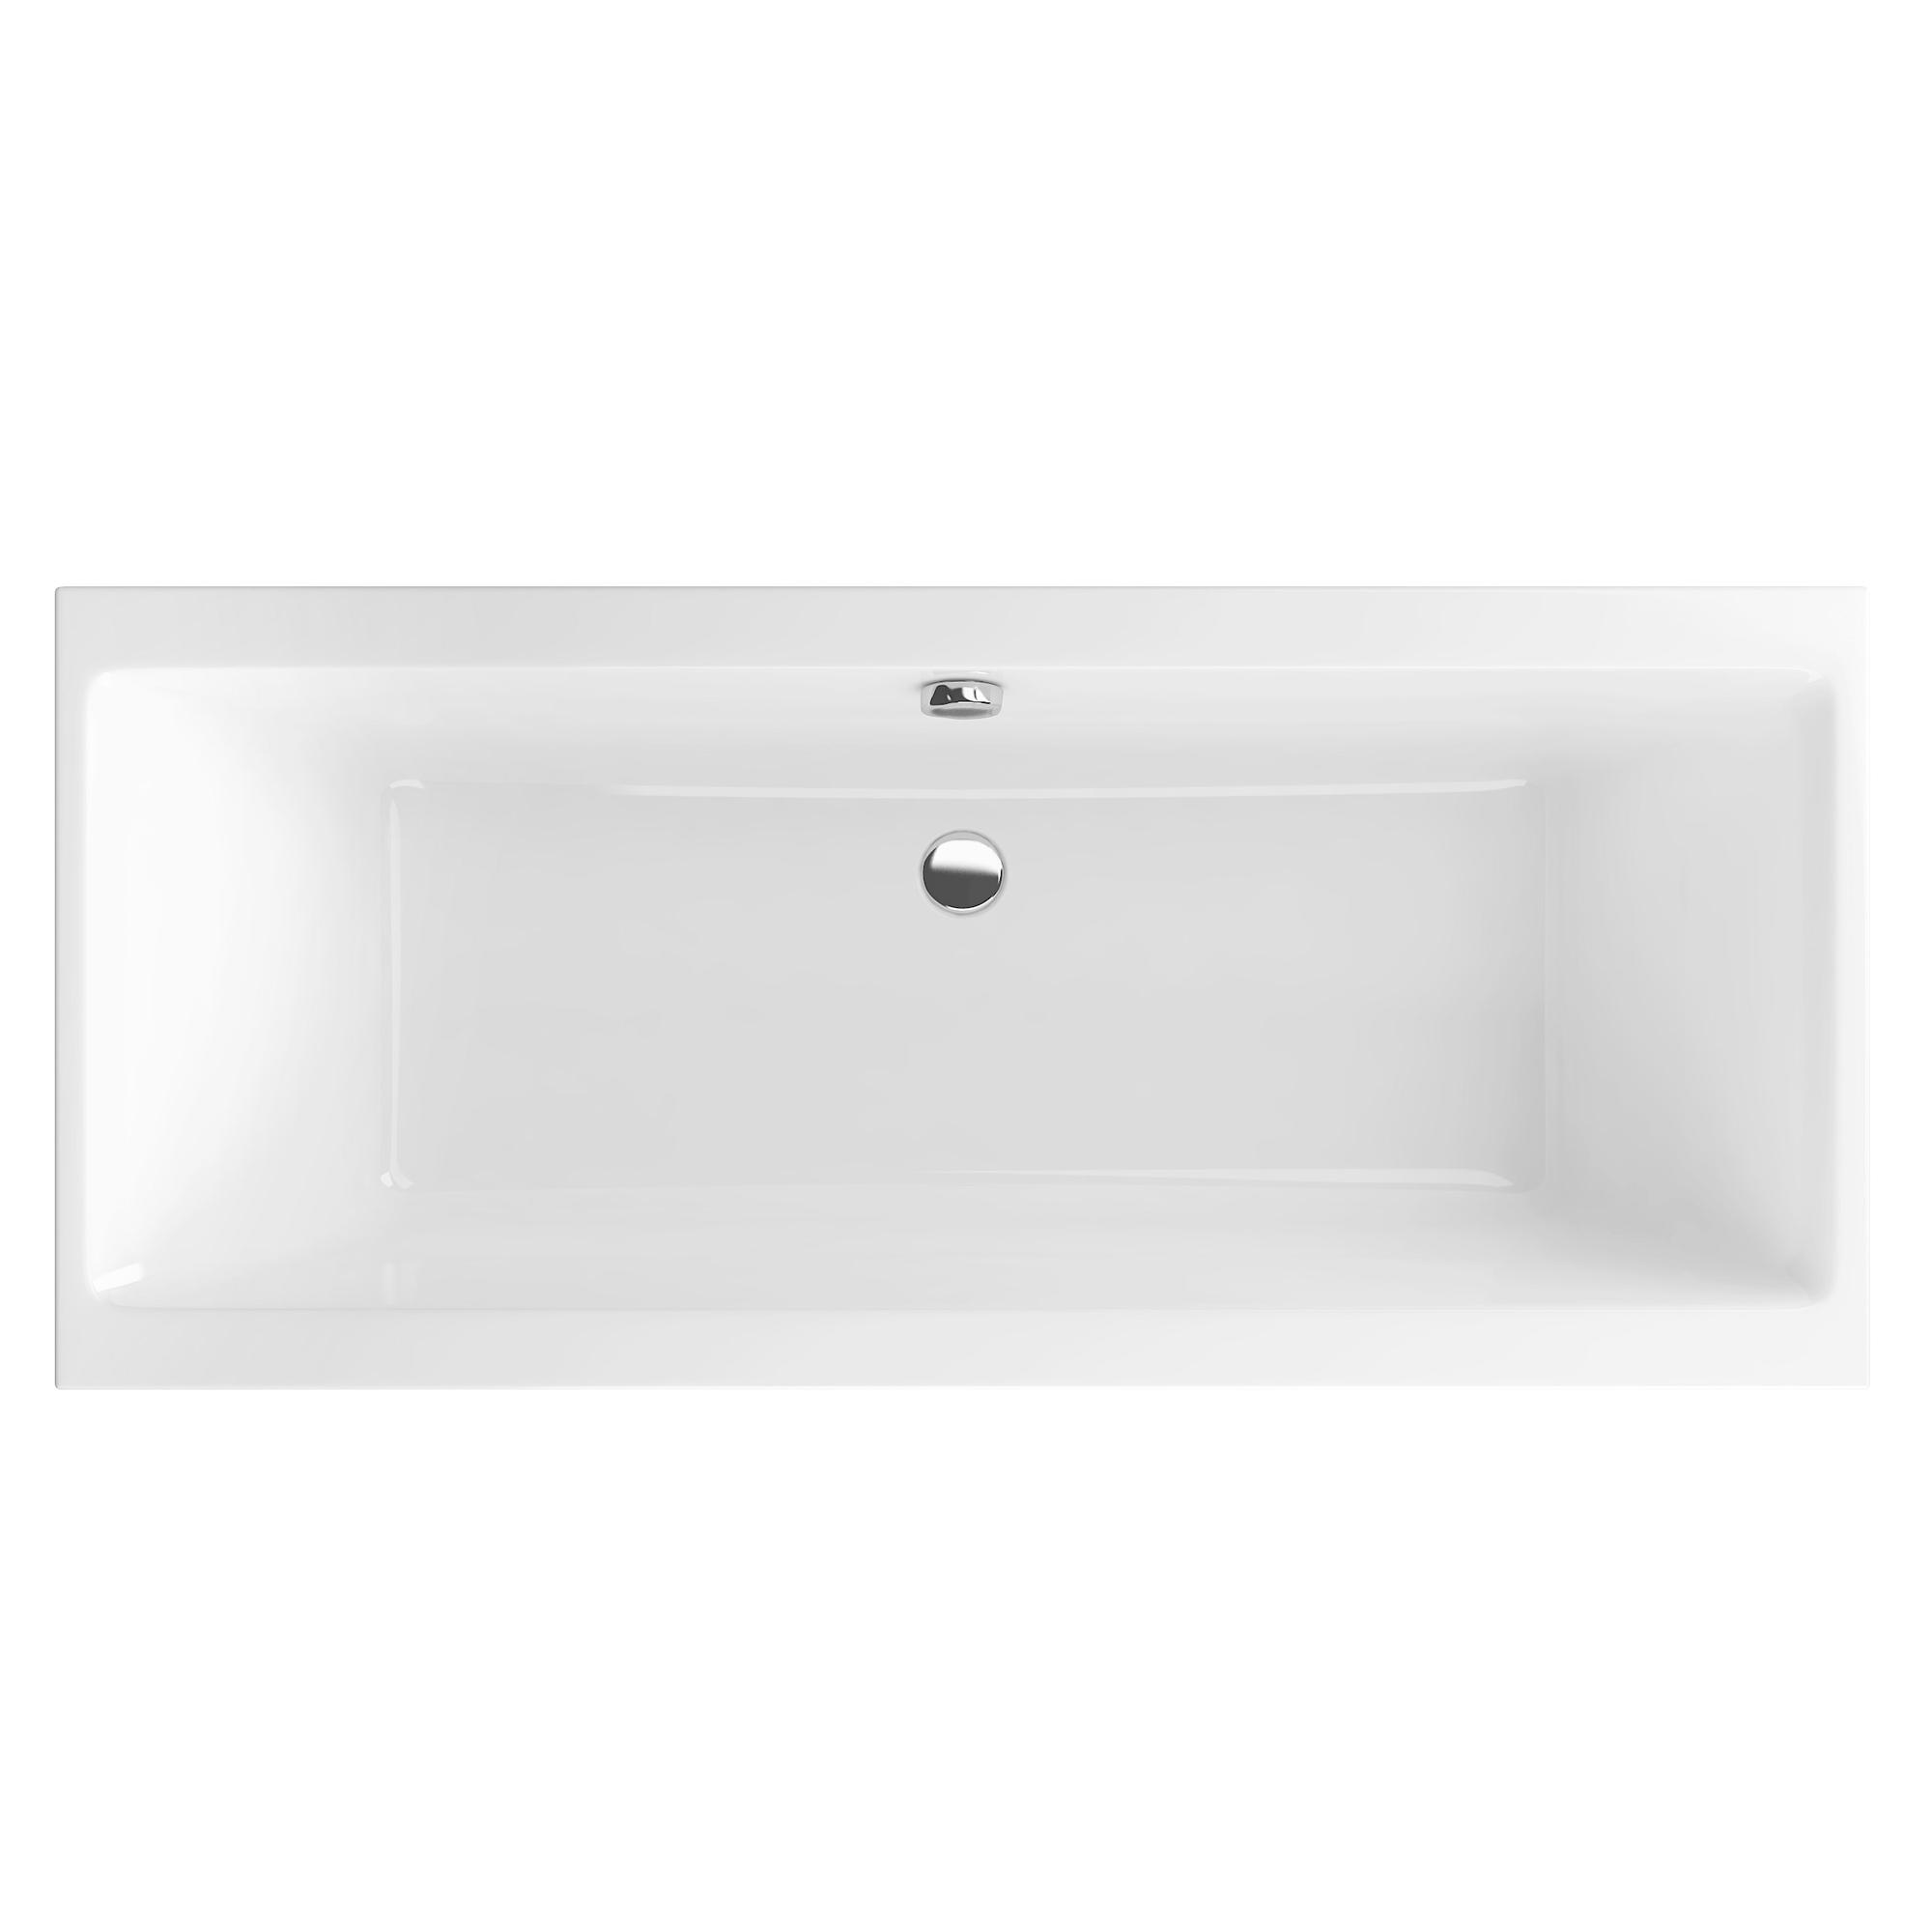 Акриловая ванна Excellent Pryzmat Slim 170x75 без гидромассажа